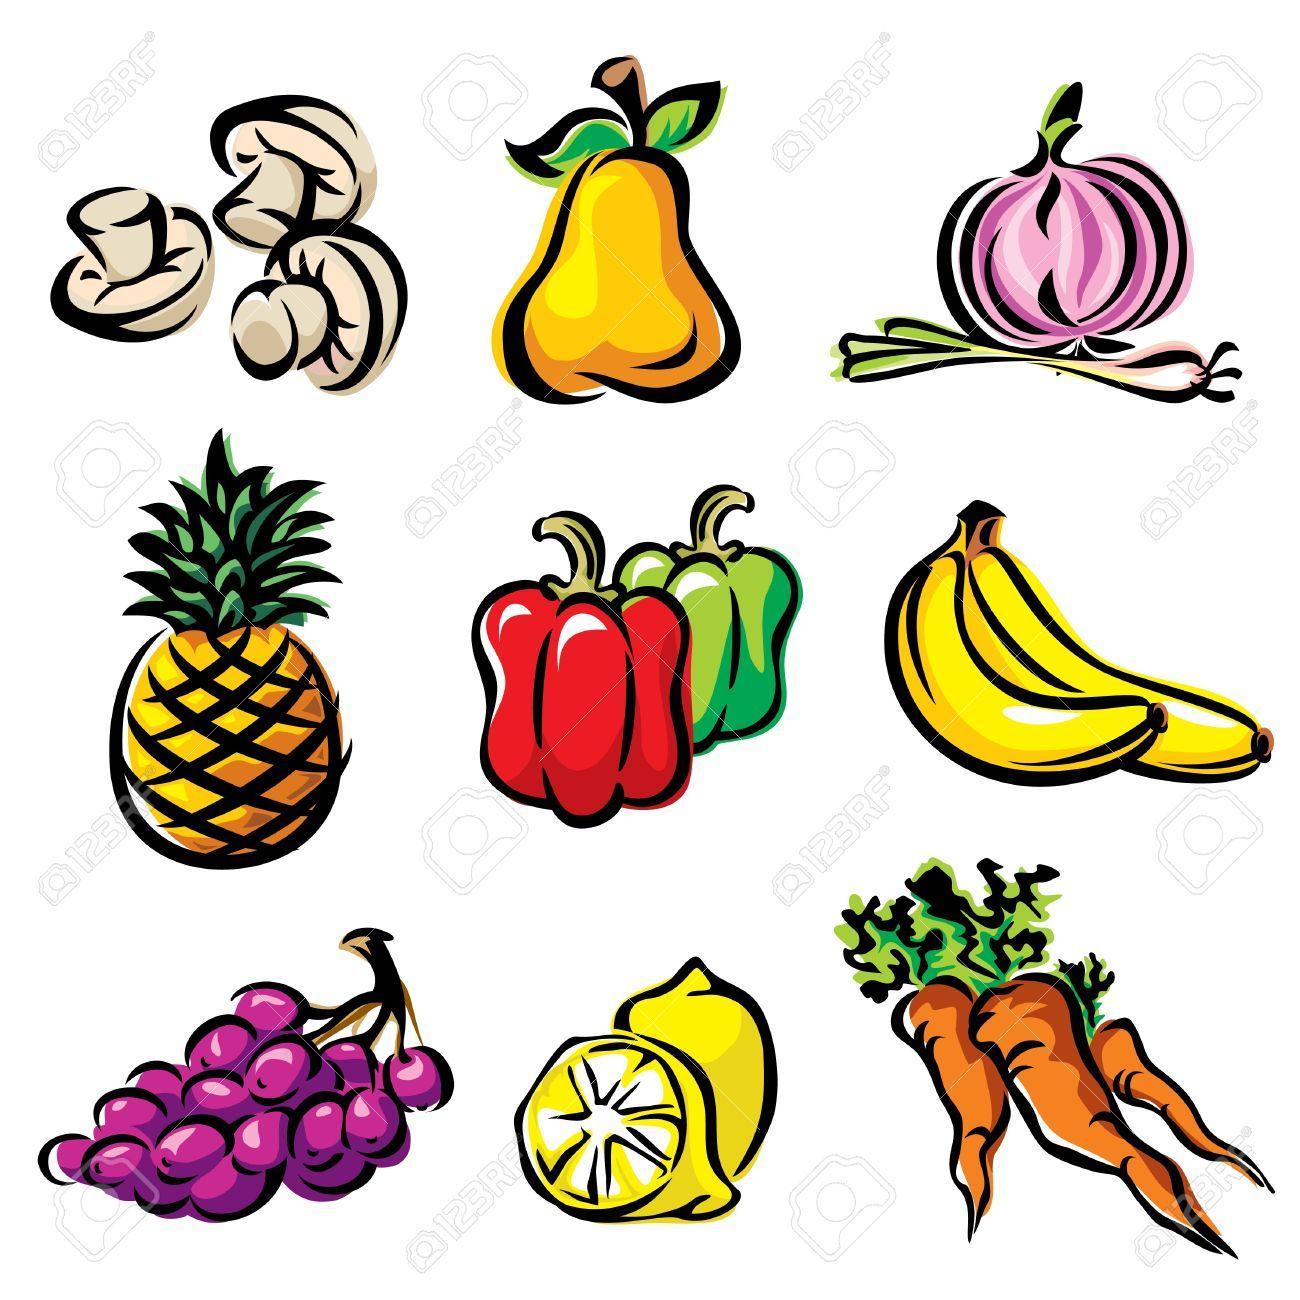 Dibujos De Frutas Y Verduras A Color Buscar Con Google Imagenes